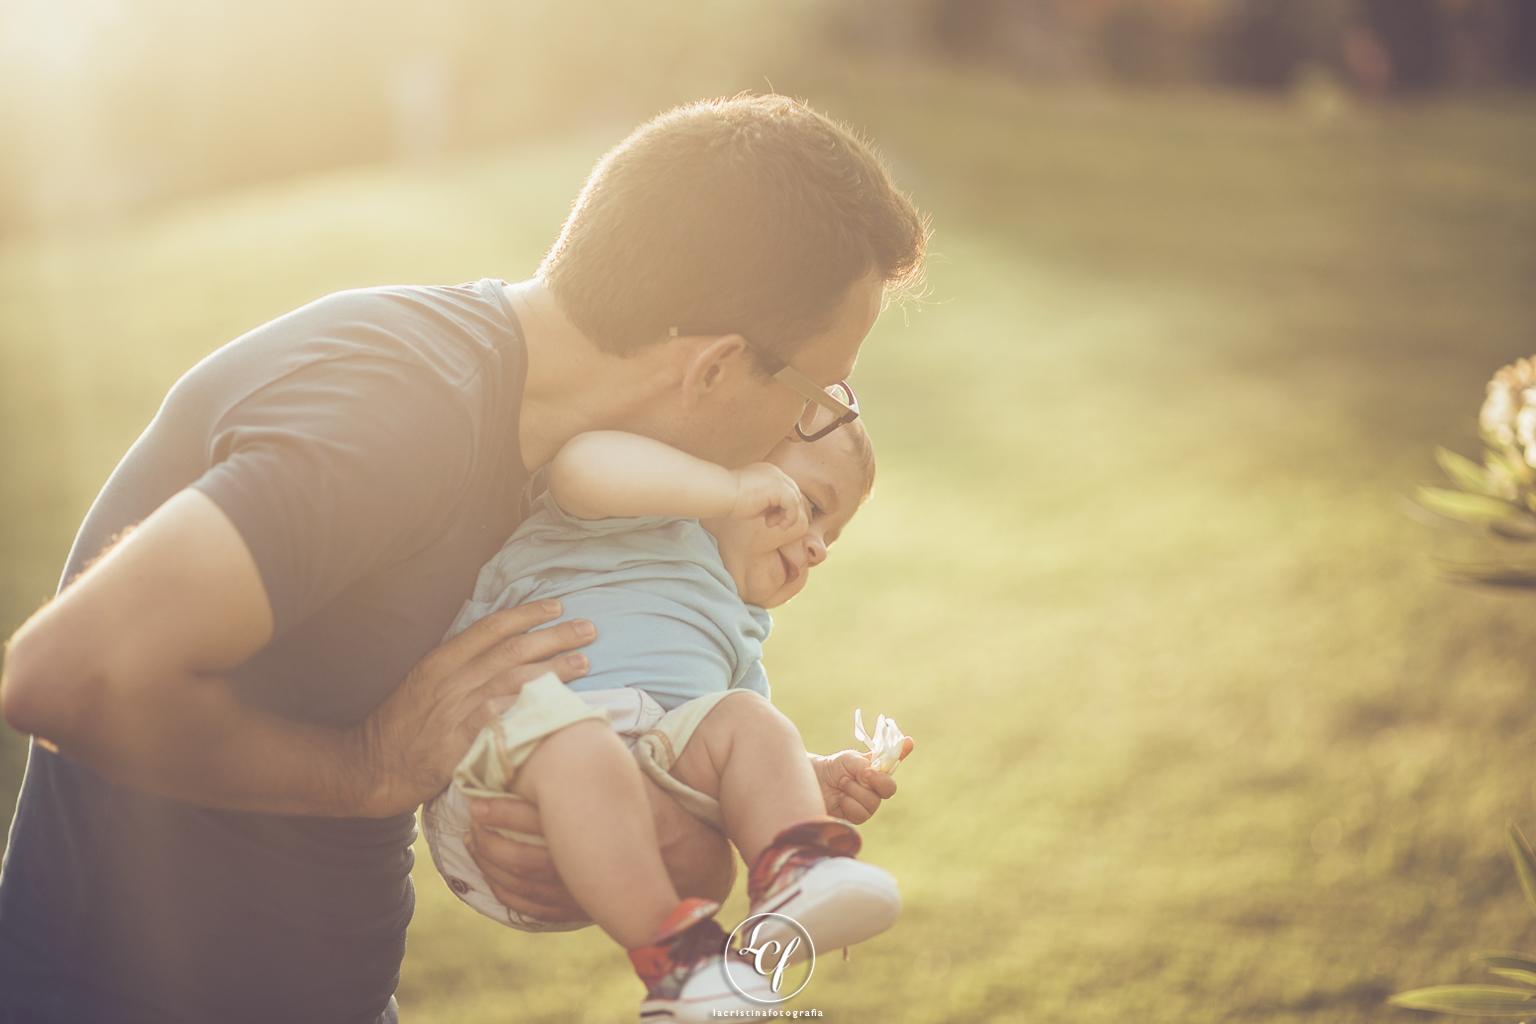 fotografia infantil :: fotógrafo de familia barcelona :: fotógrafo de familia parc ciutadella :: parque de la ciutadella